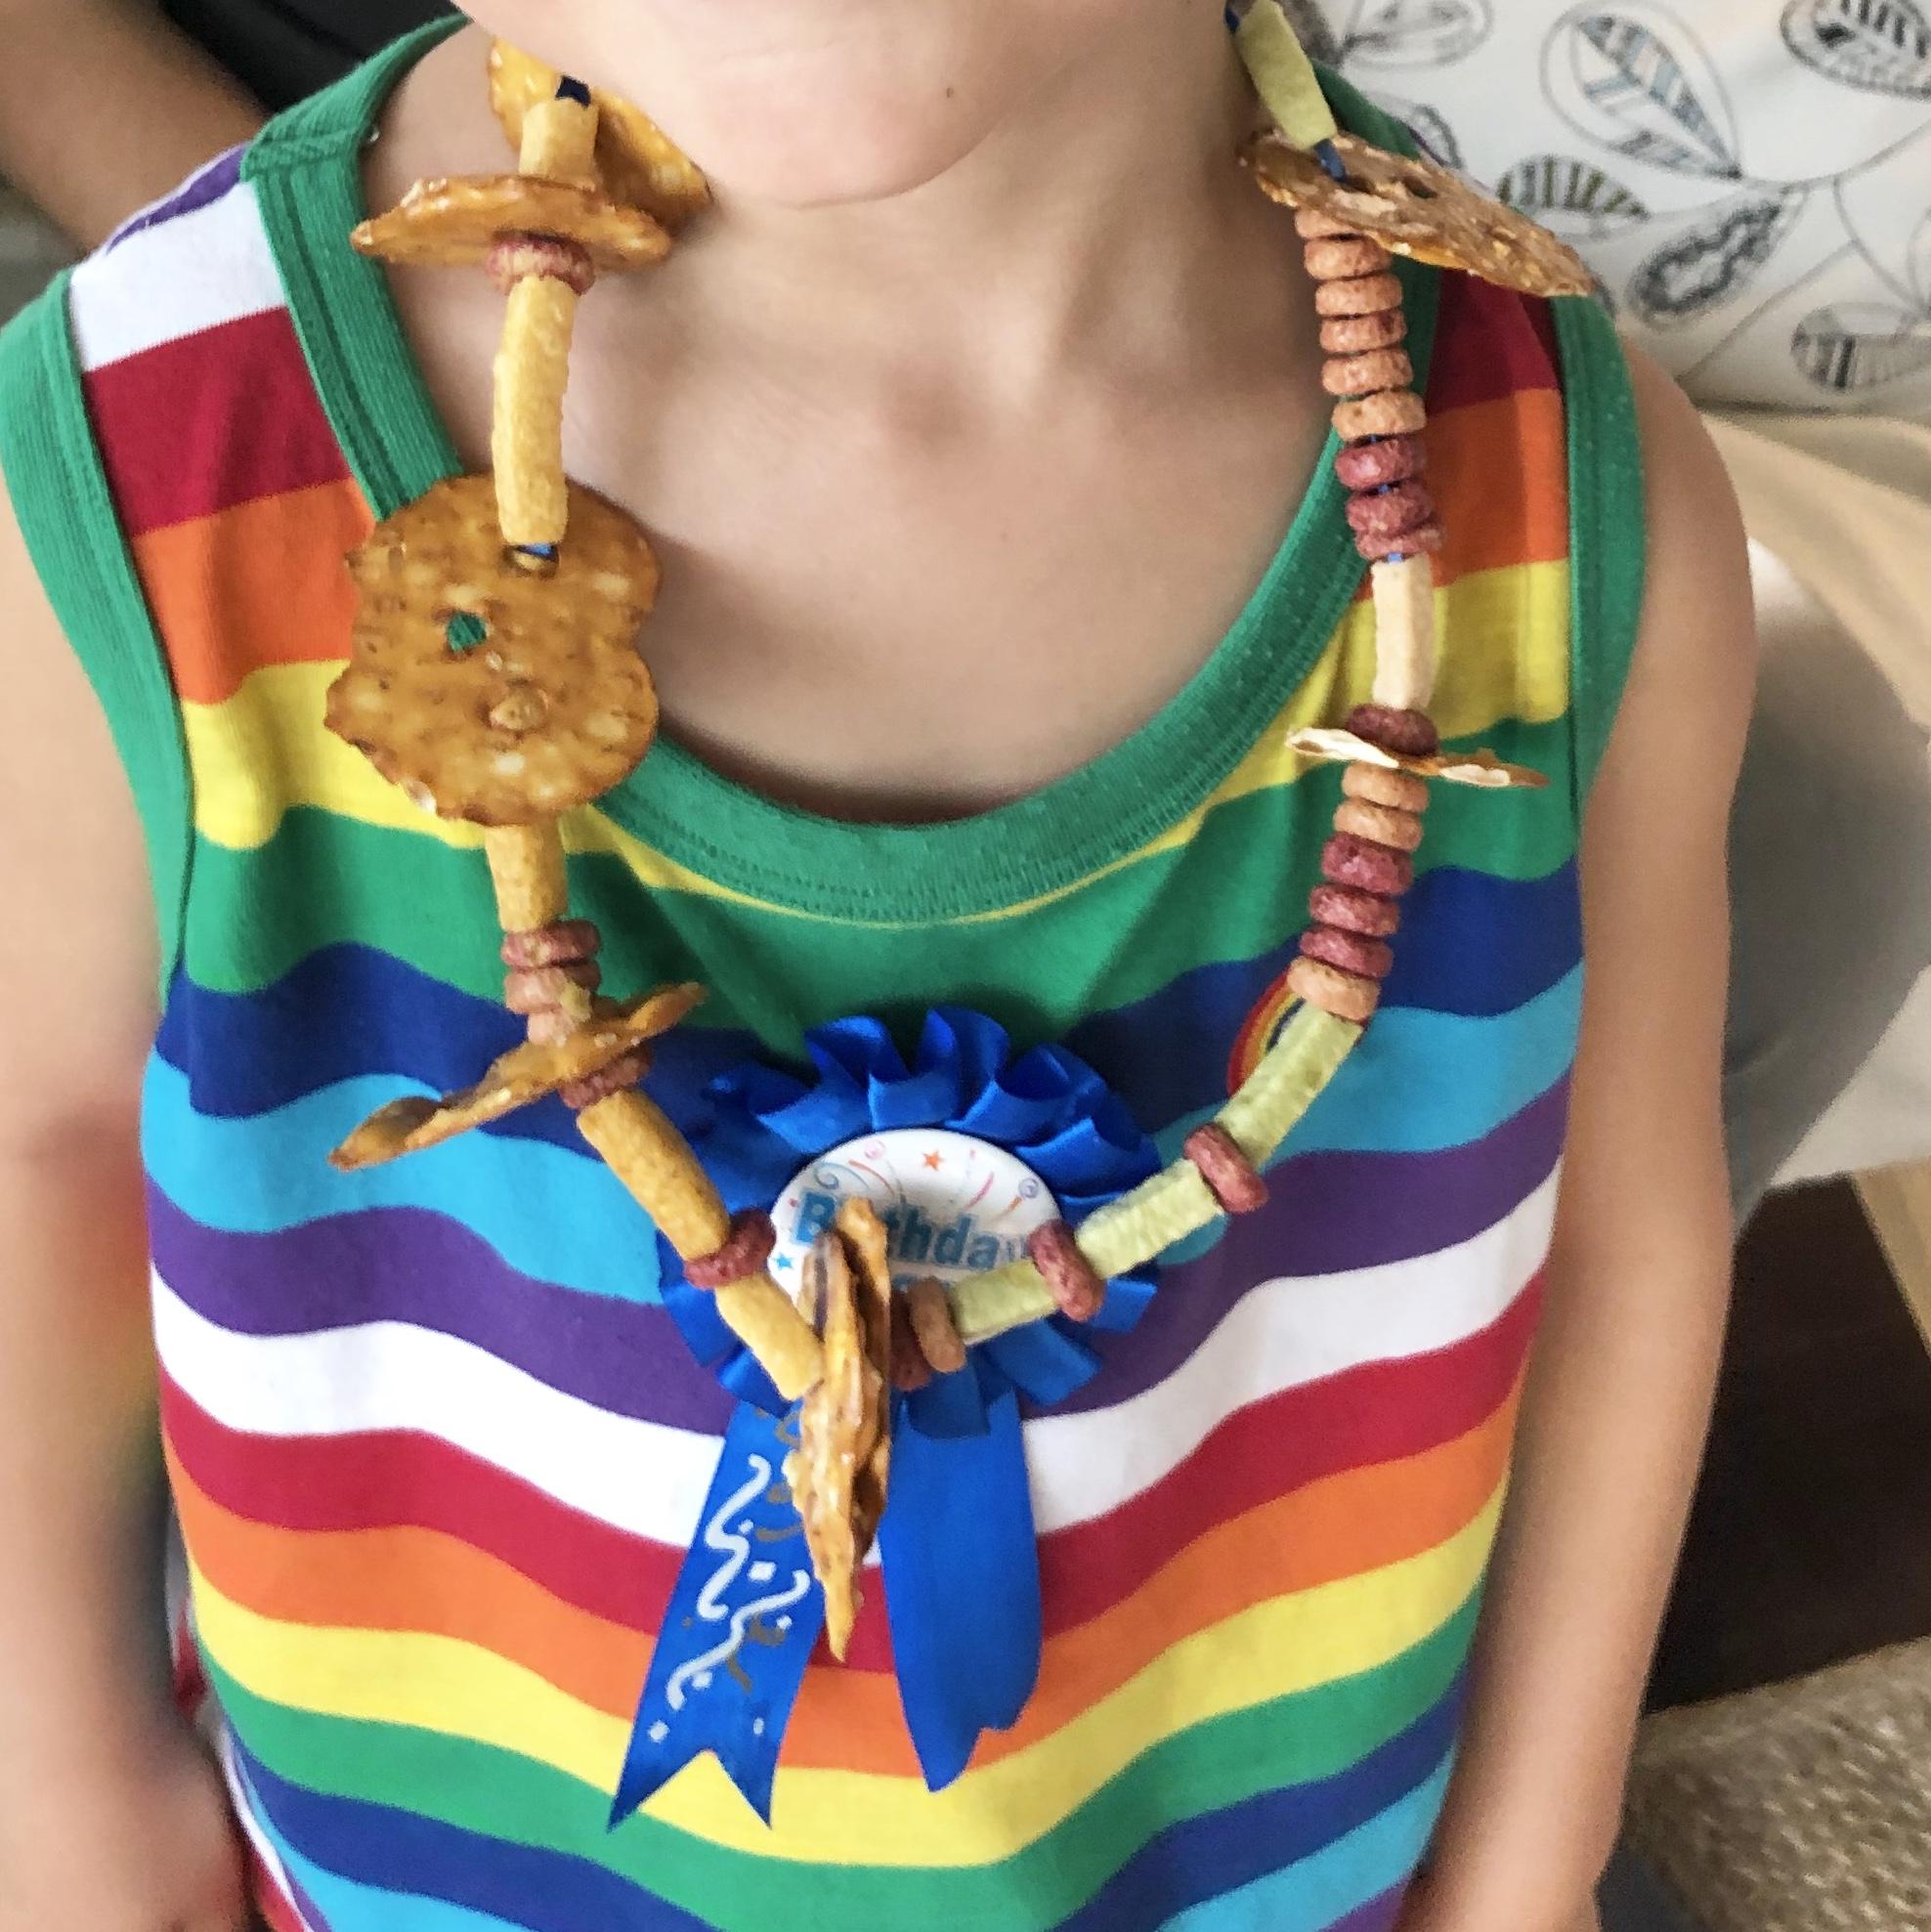 edible necklace